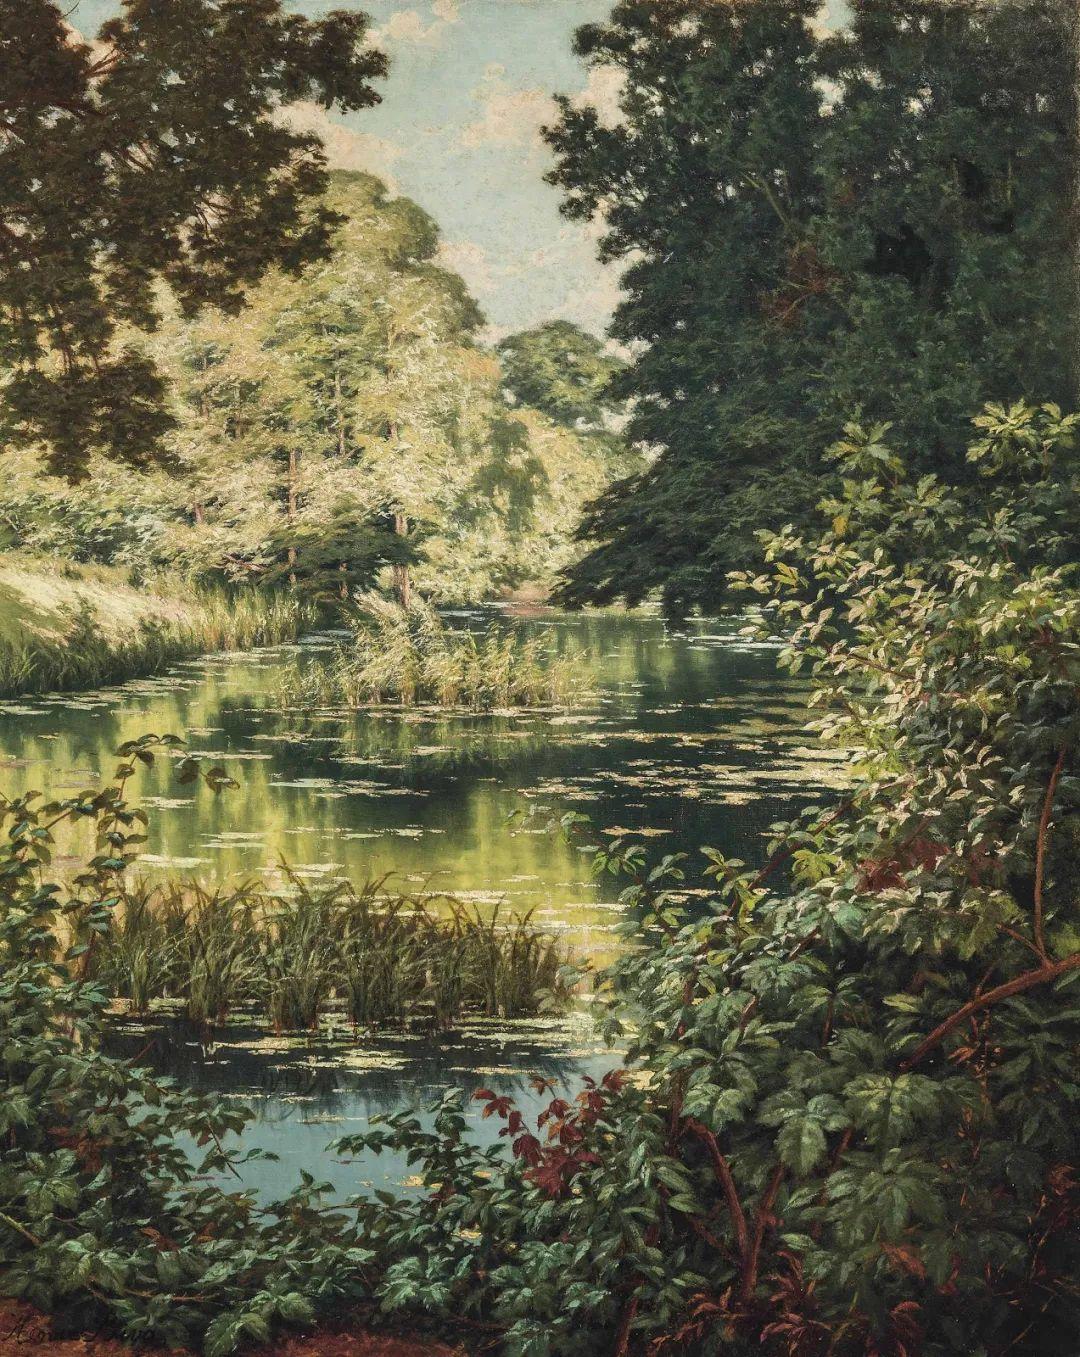 风景油画丨法国画家亨利·比瓦的风景油画作品插图21